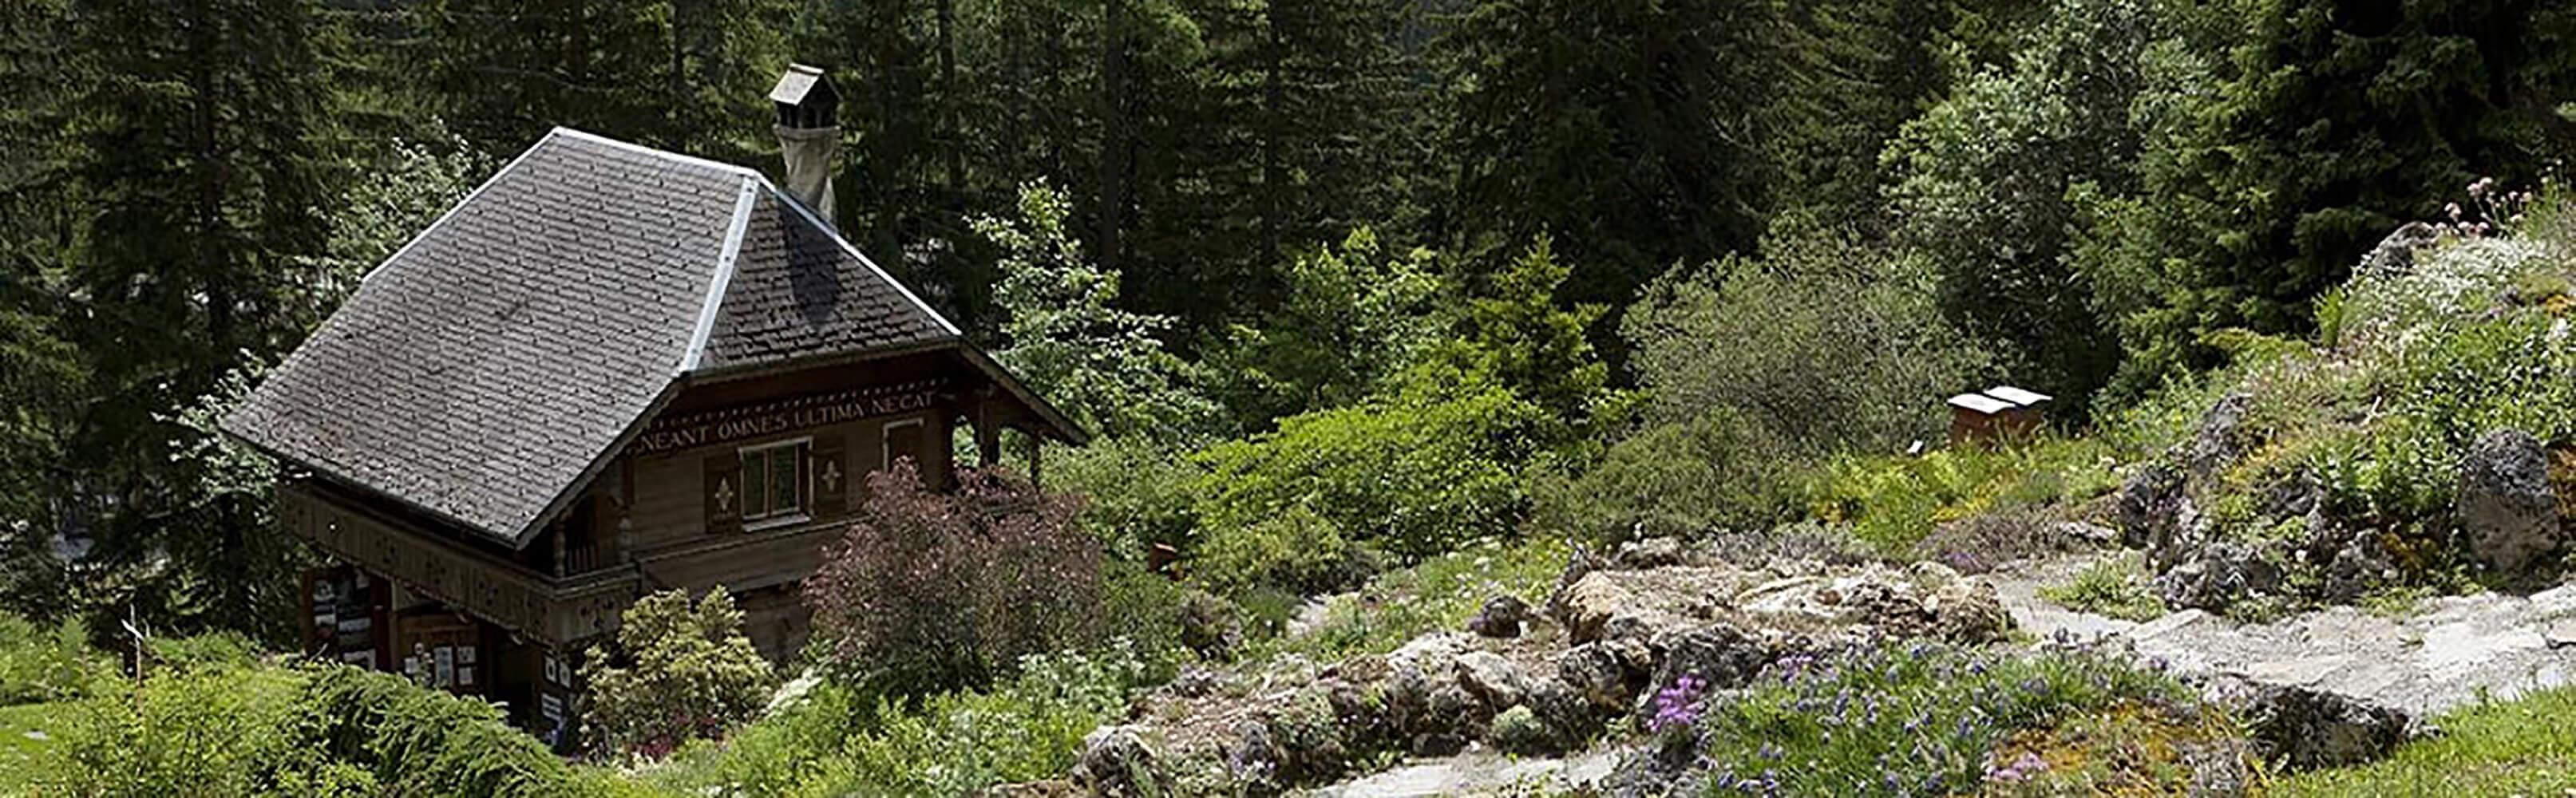 Der botanische Alpengarten Flore-Alpe Champex-Lac 1